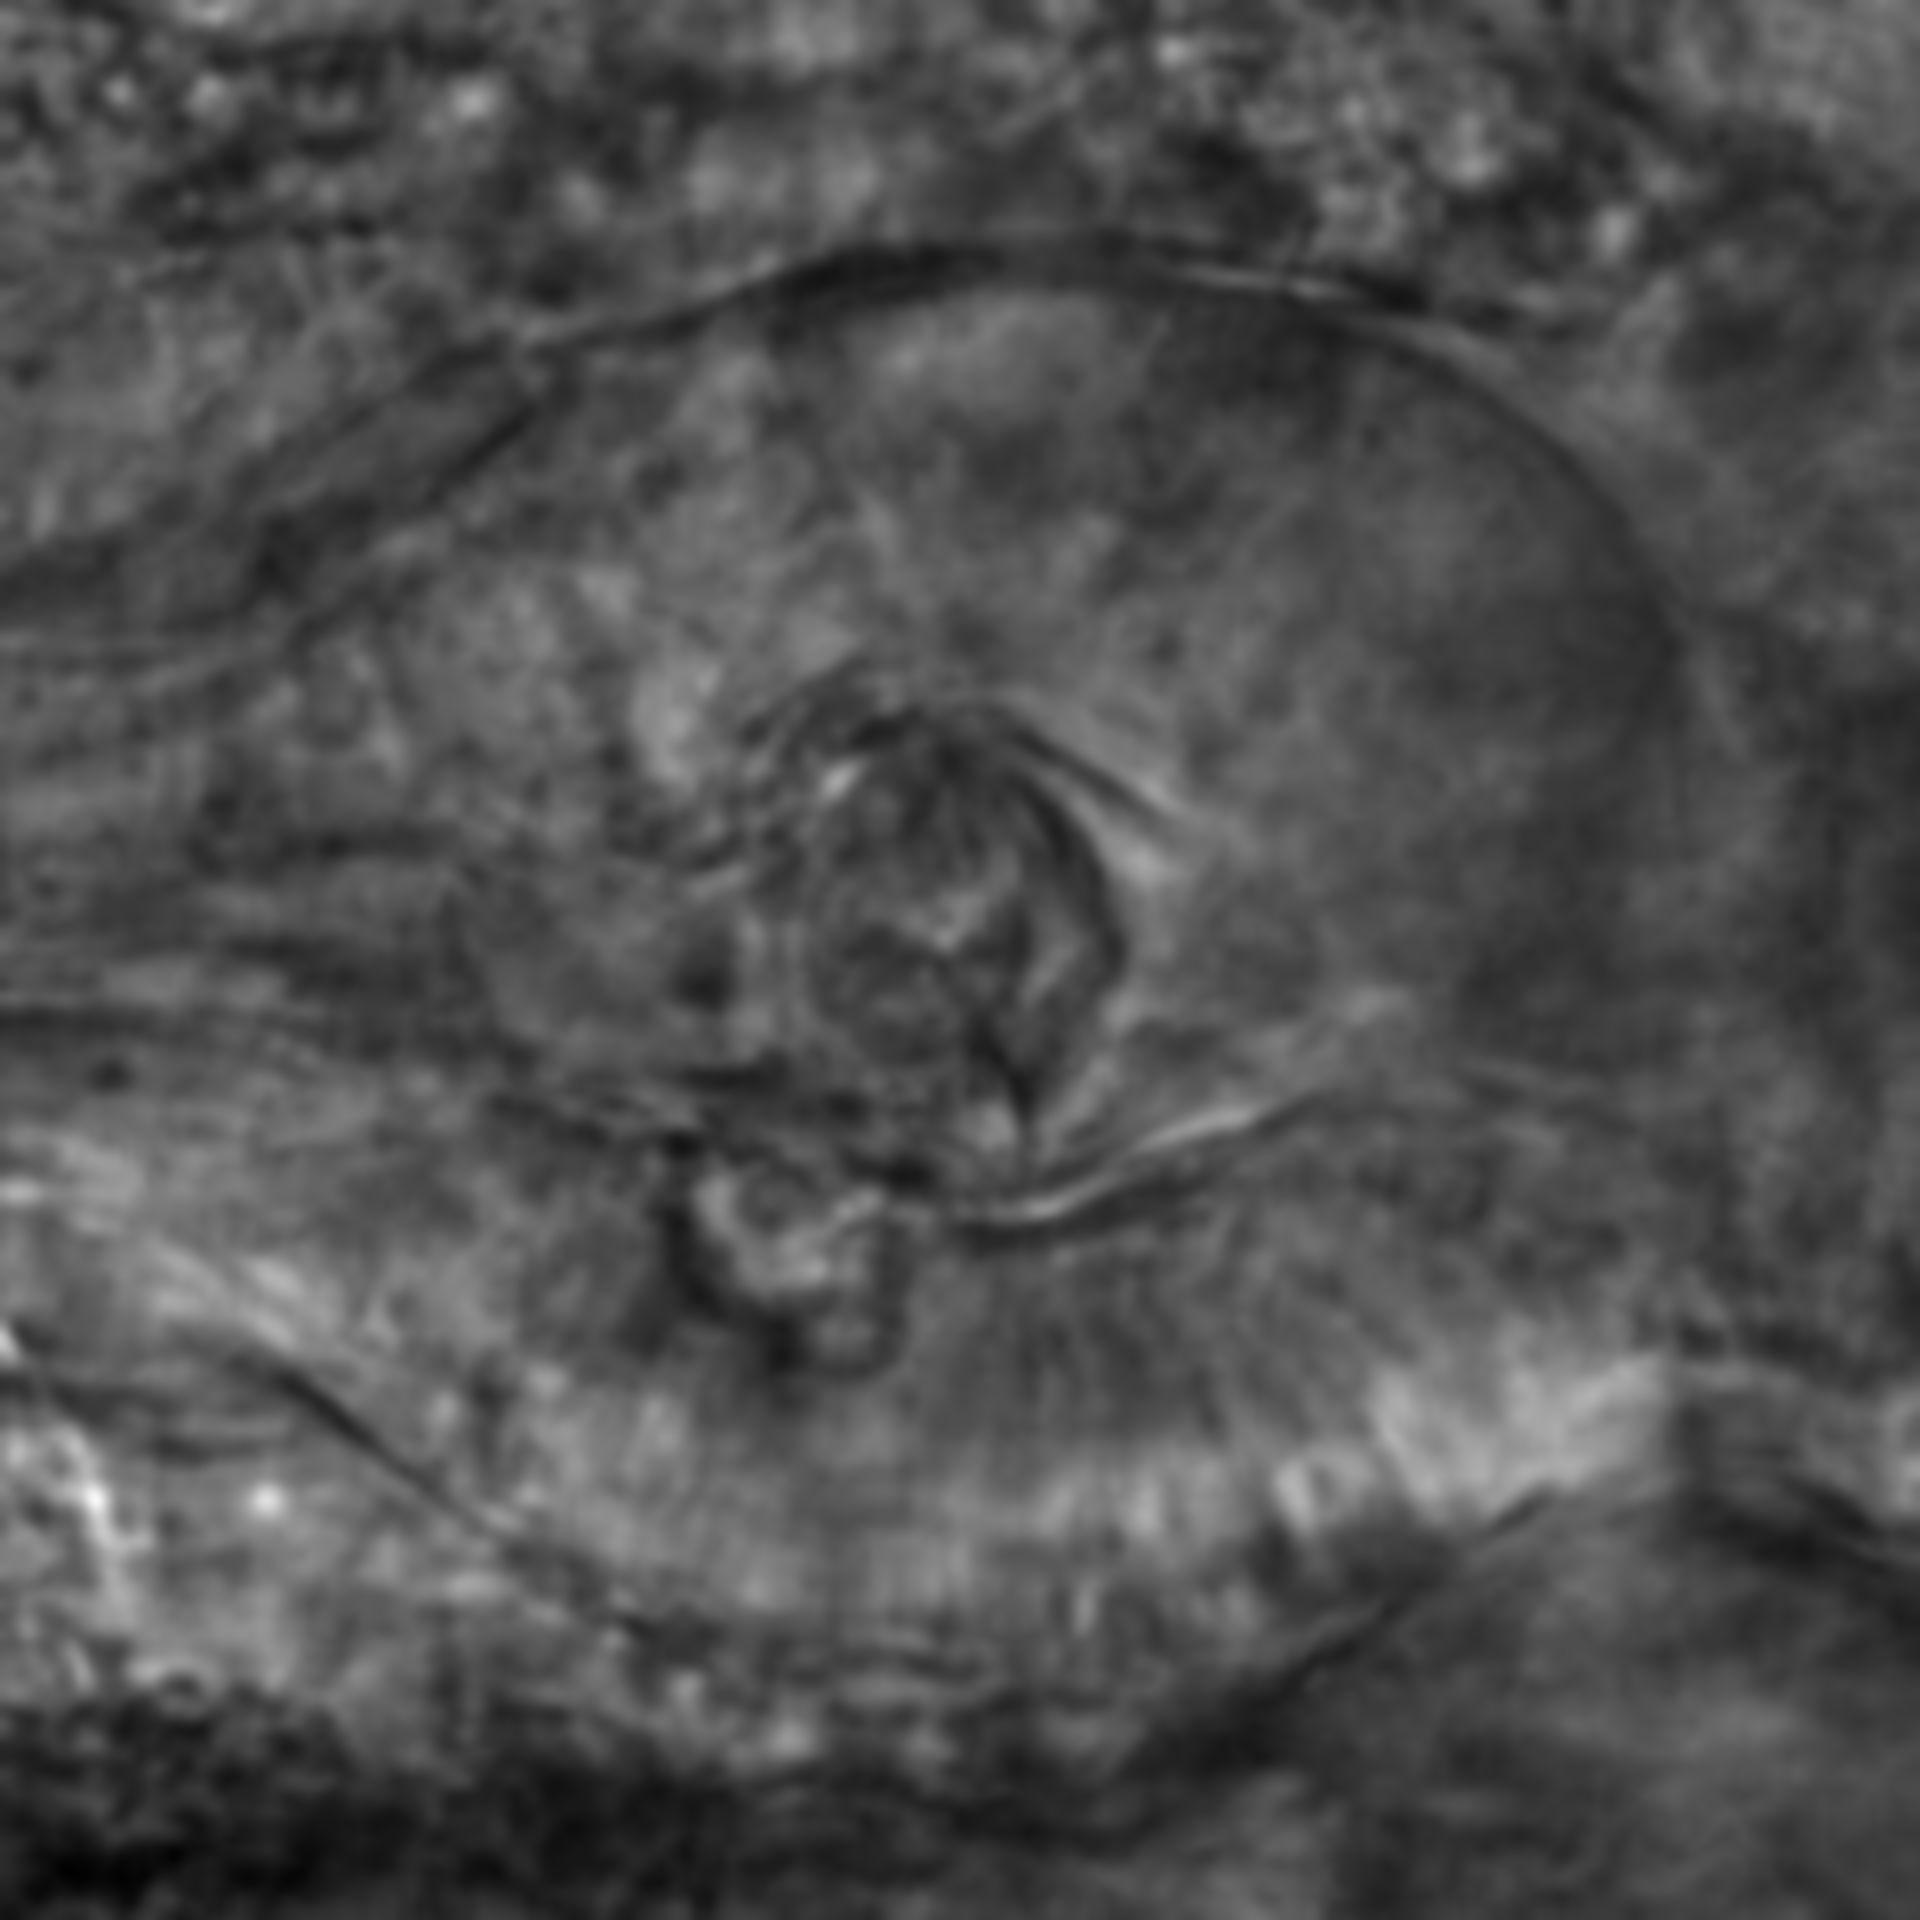 Caenorhabditis elegans - CIL:2846